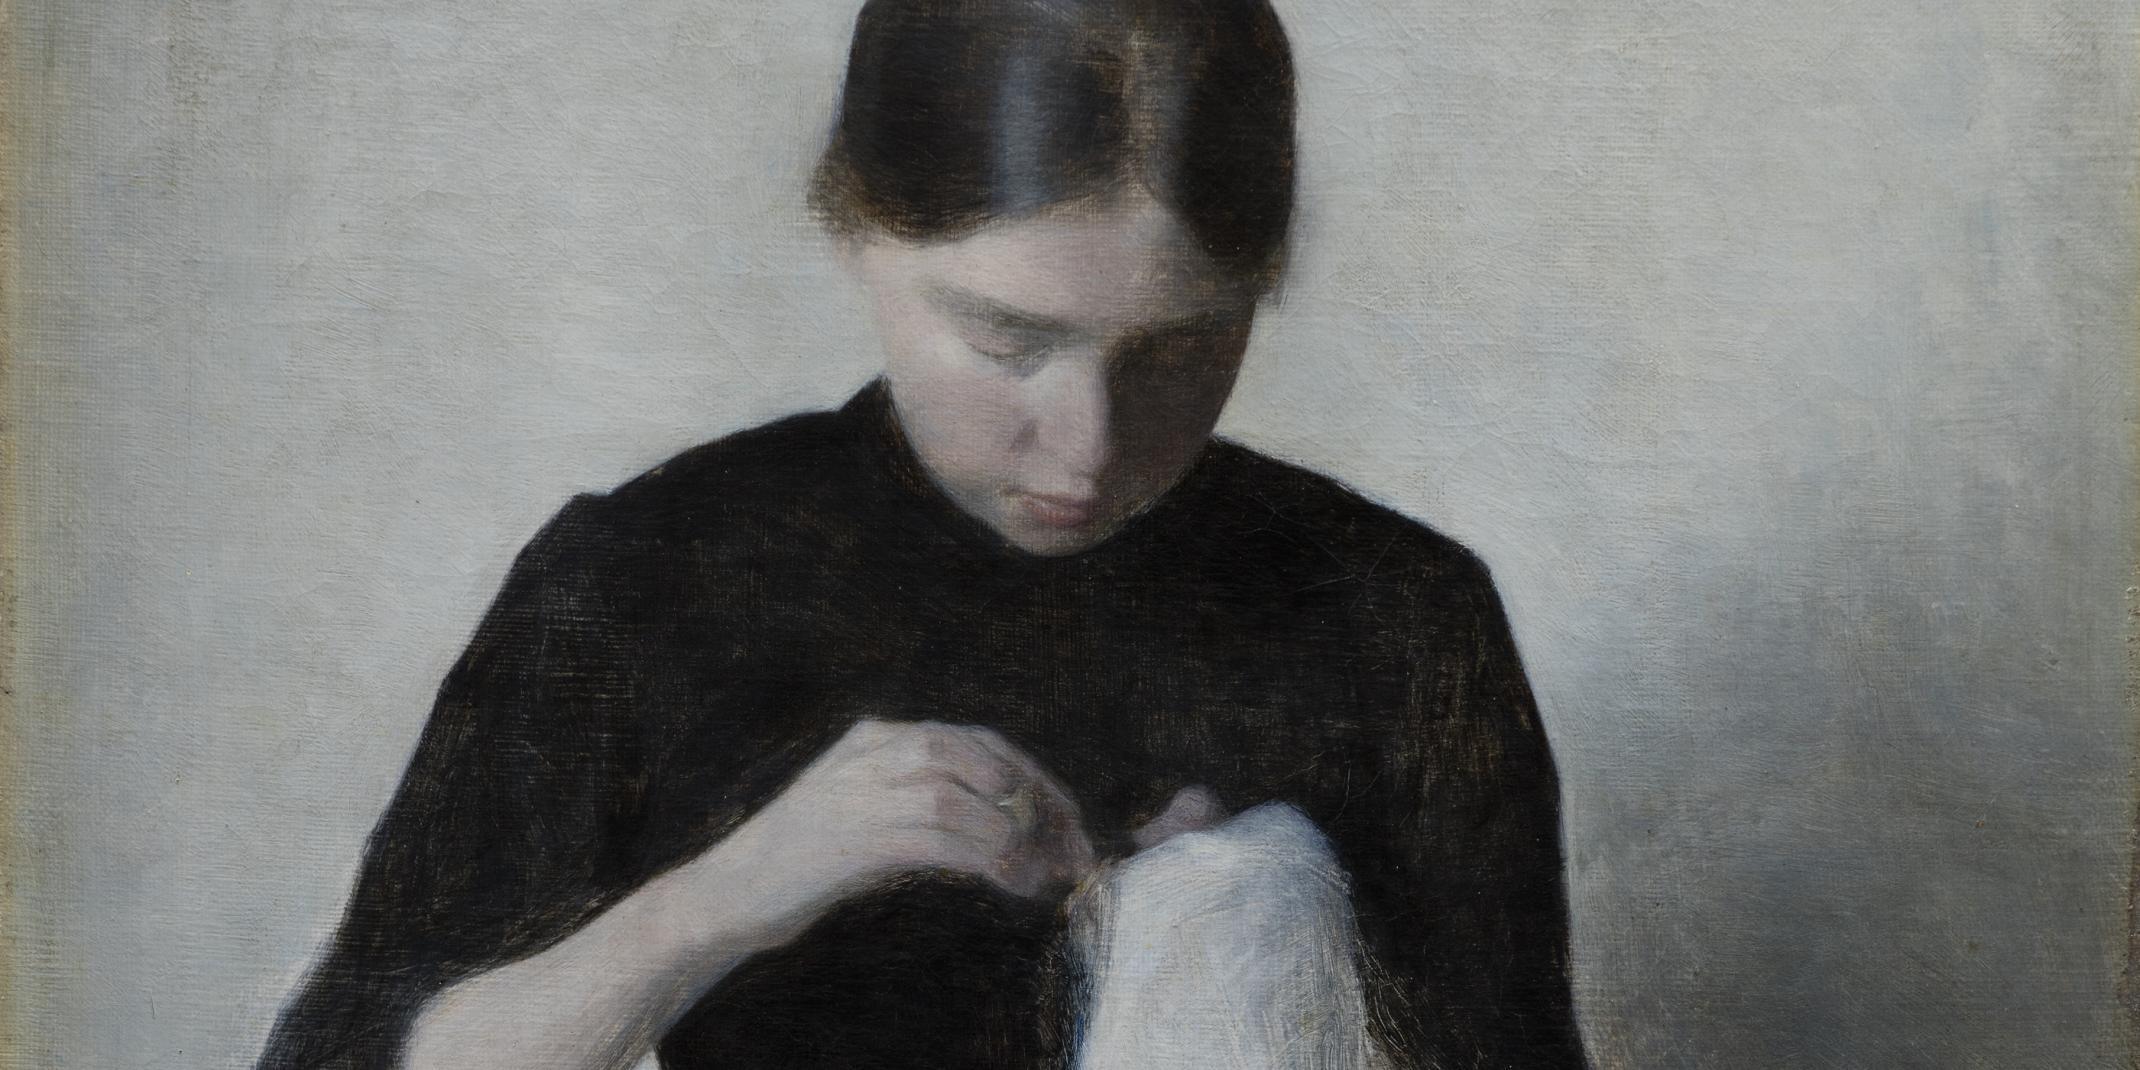 Vilhelm Hammershøi (1864-1916): Ein junges nähendes Mädchen,1887, Öl auf Leinwand, 37 x 35 cm © Ordrupgaard Museum